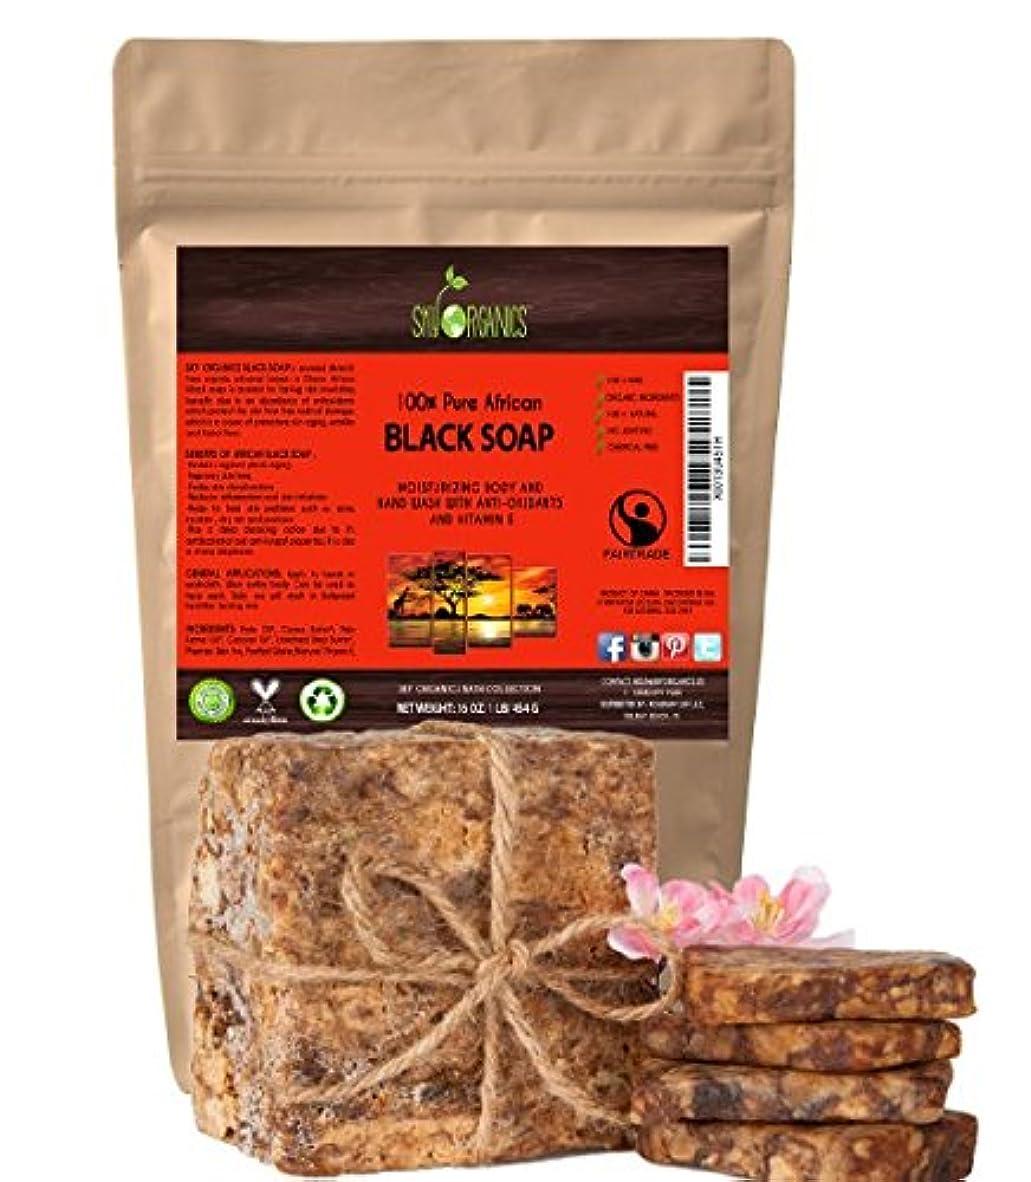 カフェ勘違いするジョージエリオット切って使う オーガニック アフリカン ブラックソープ (約4563gブロック)Organic African Black Soap (16oz block) - Raw Organic Soap Ideal for Acne, [並行輸入品]